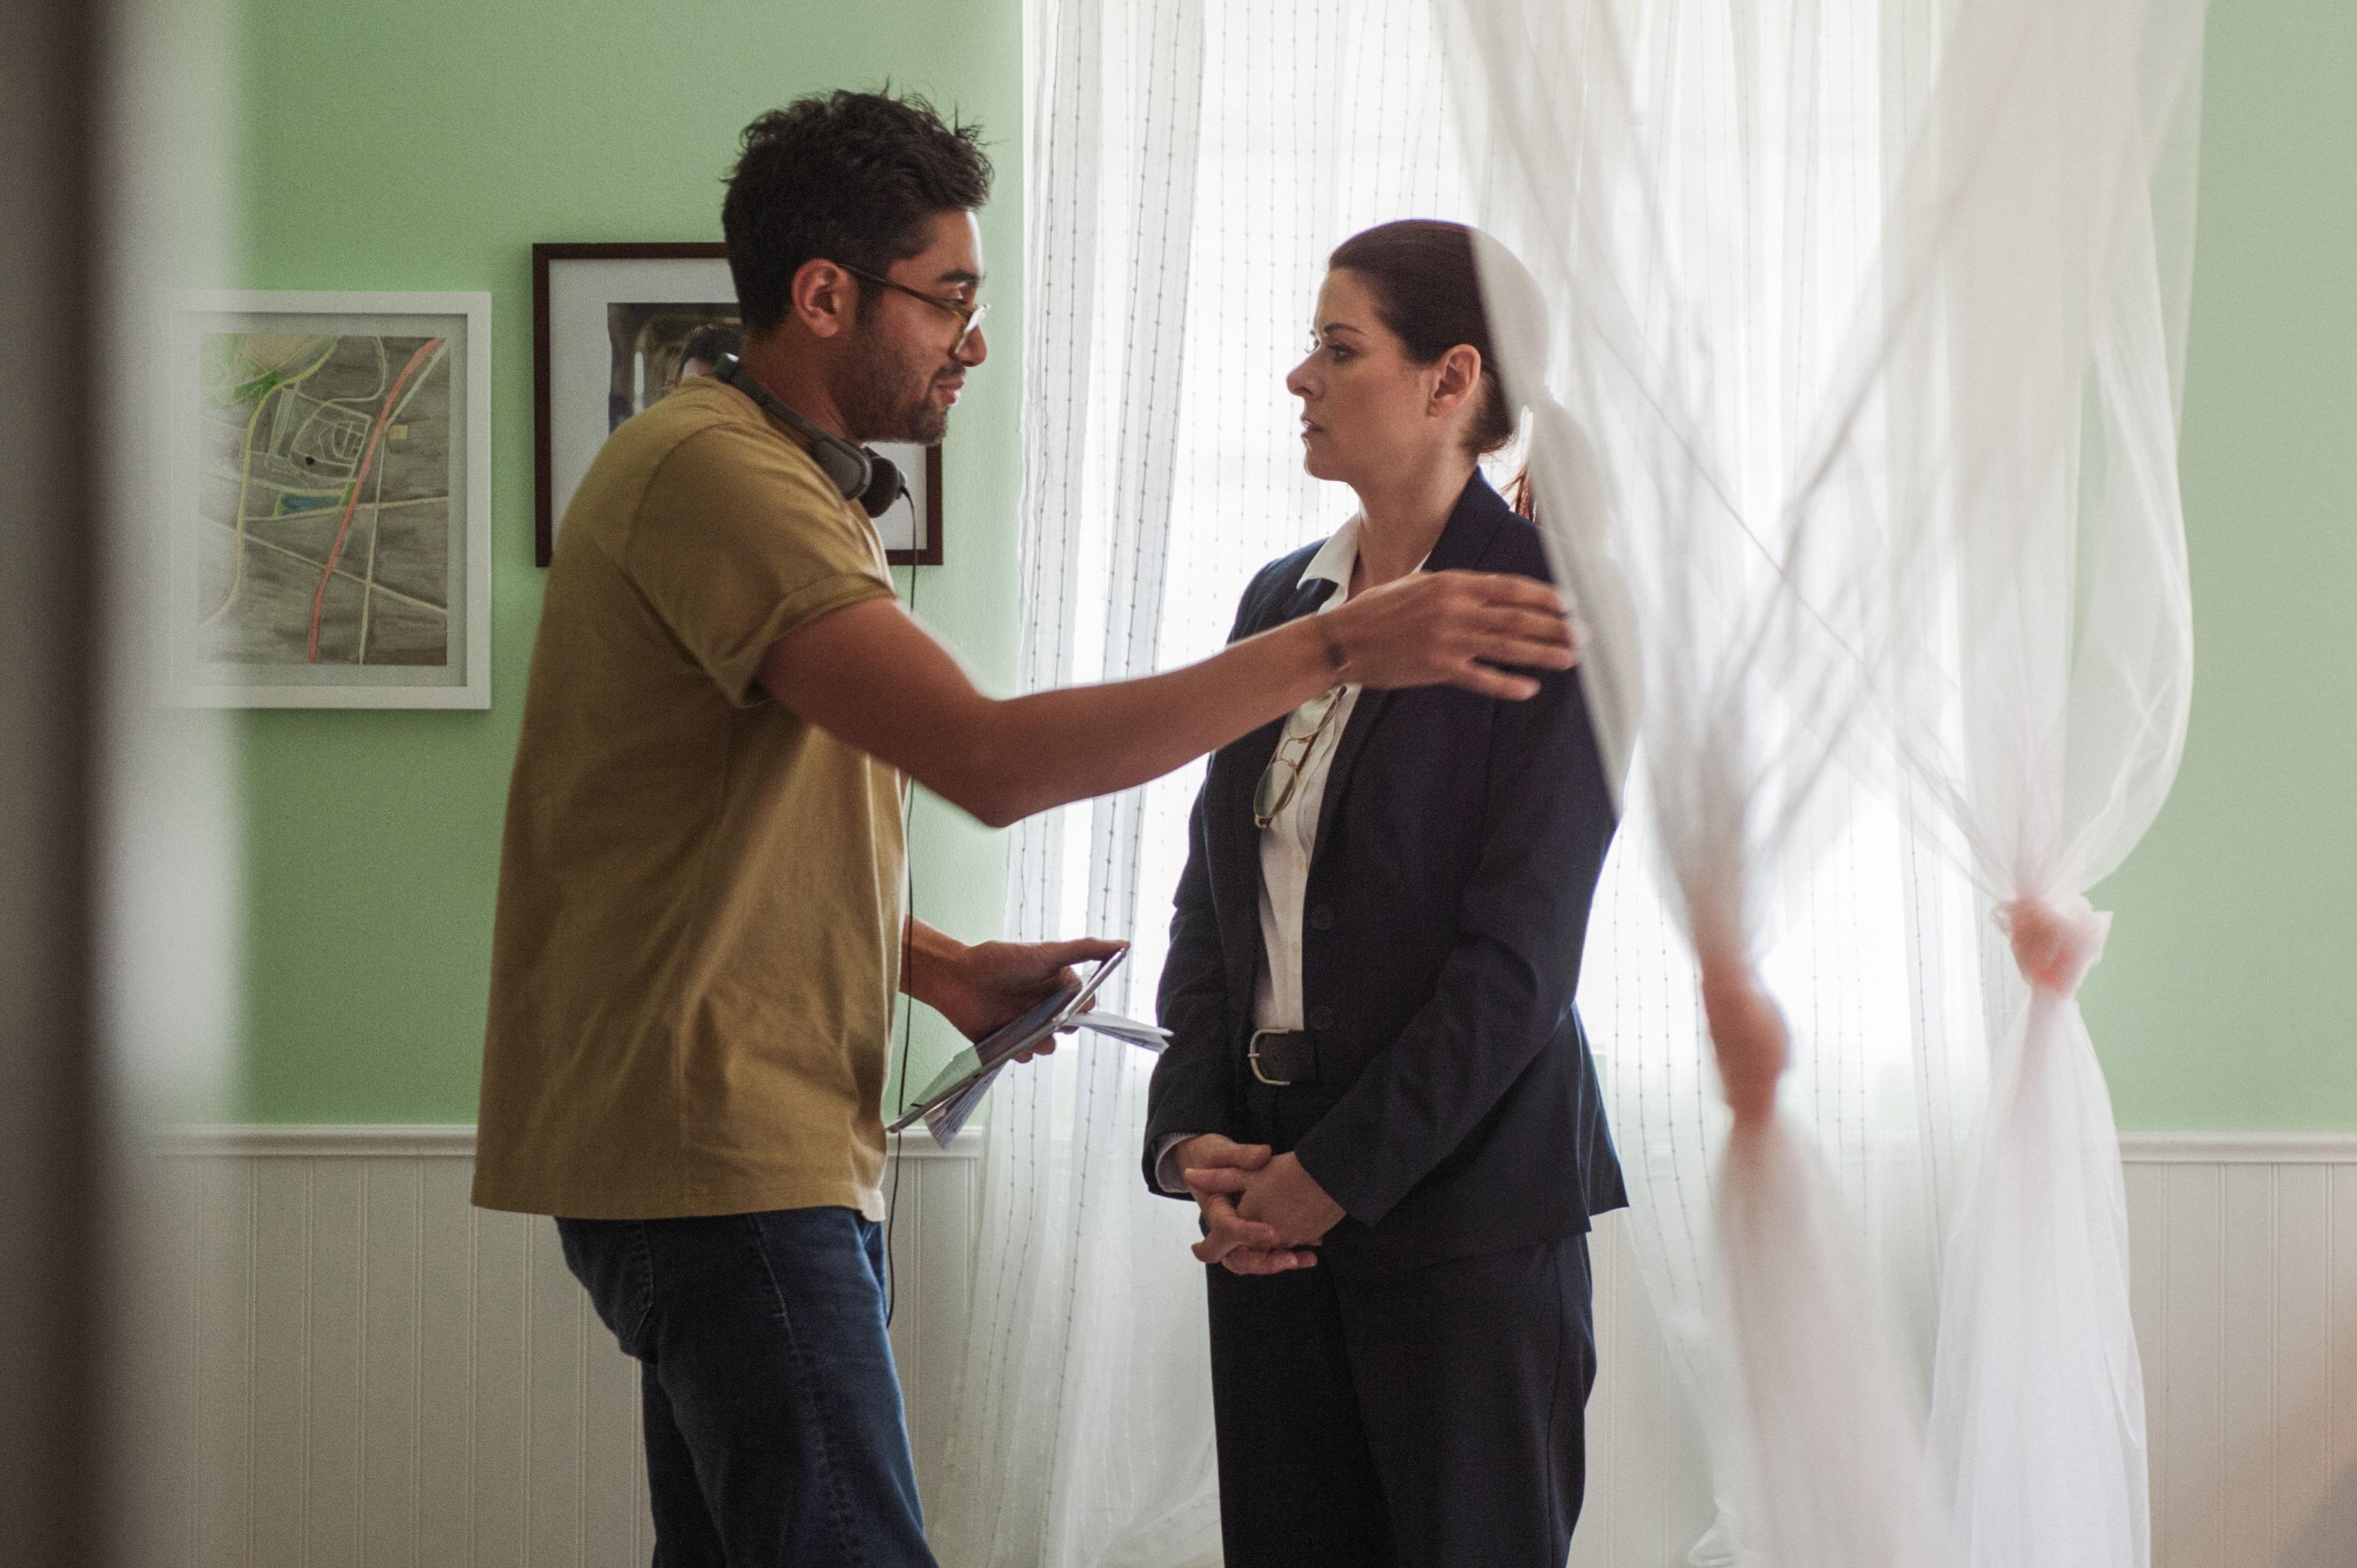 Фотография со съемок фильма «Поиск» (Аниш Чаганти и Дебра Мессинг)